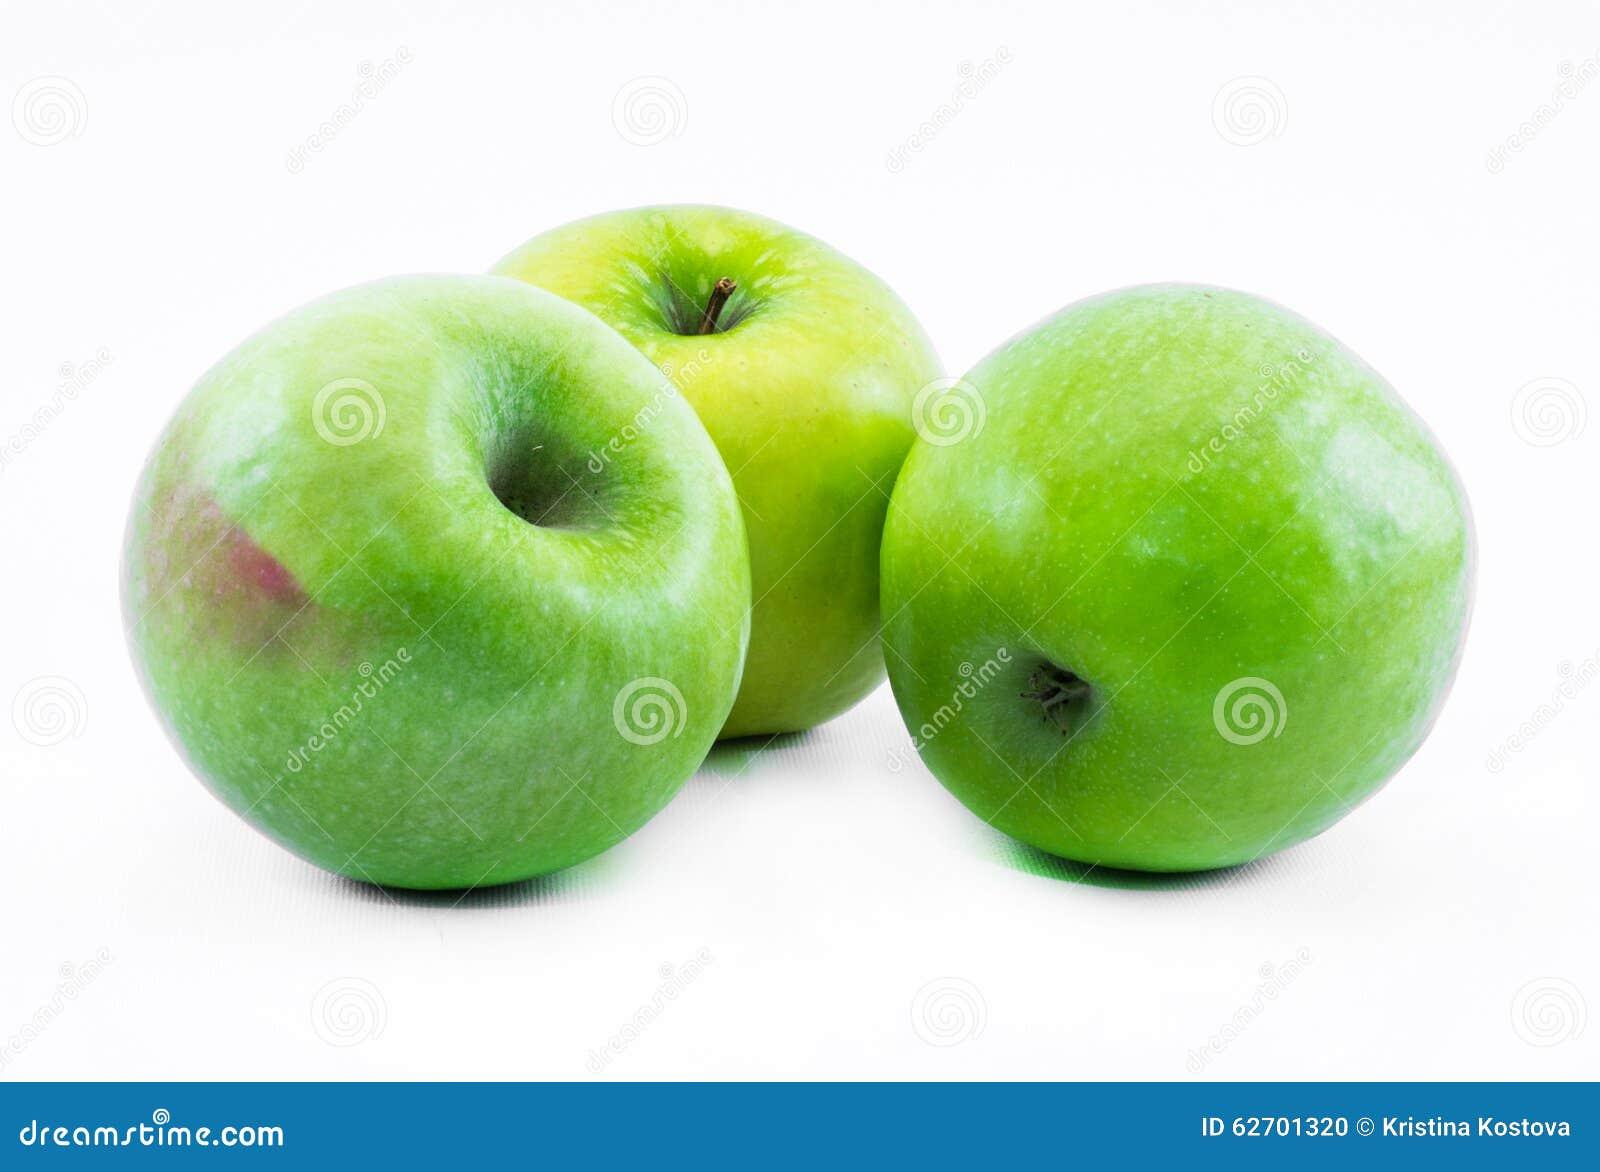 Σύνθεση τριών πράσινων μήλων σε ένα άσπρο υπόβαθρο - ακόμα ζωή